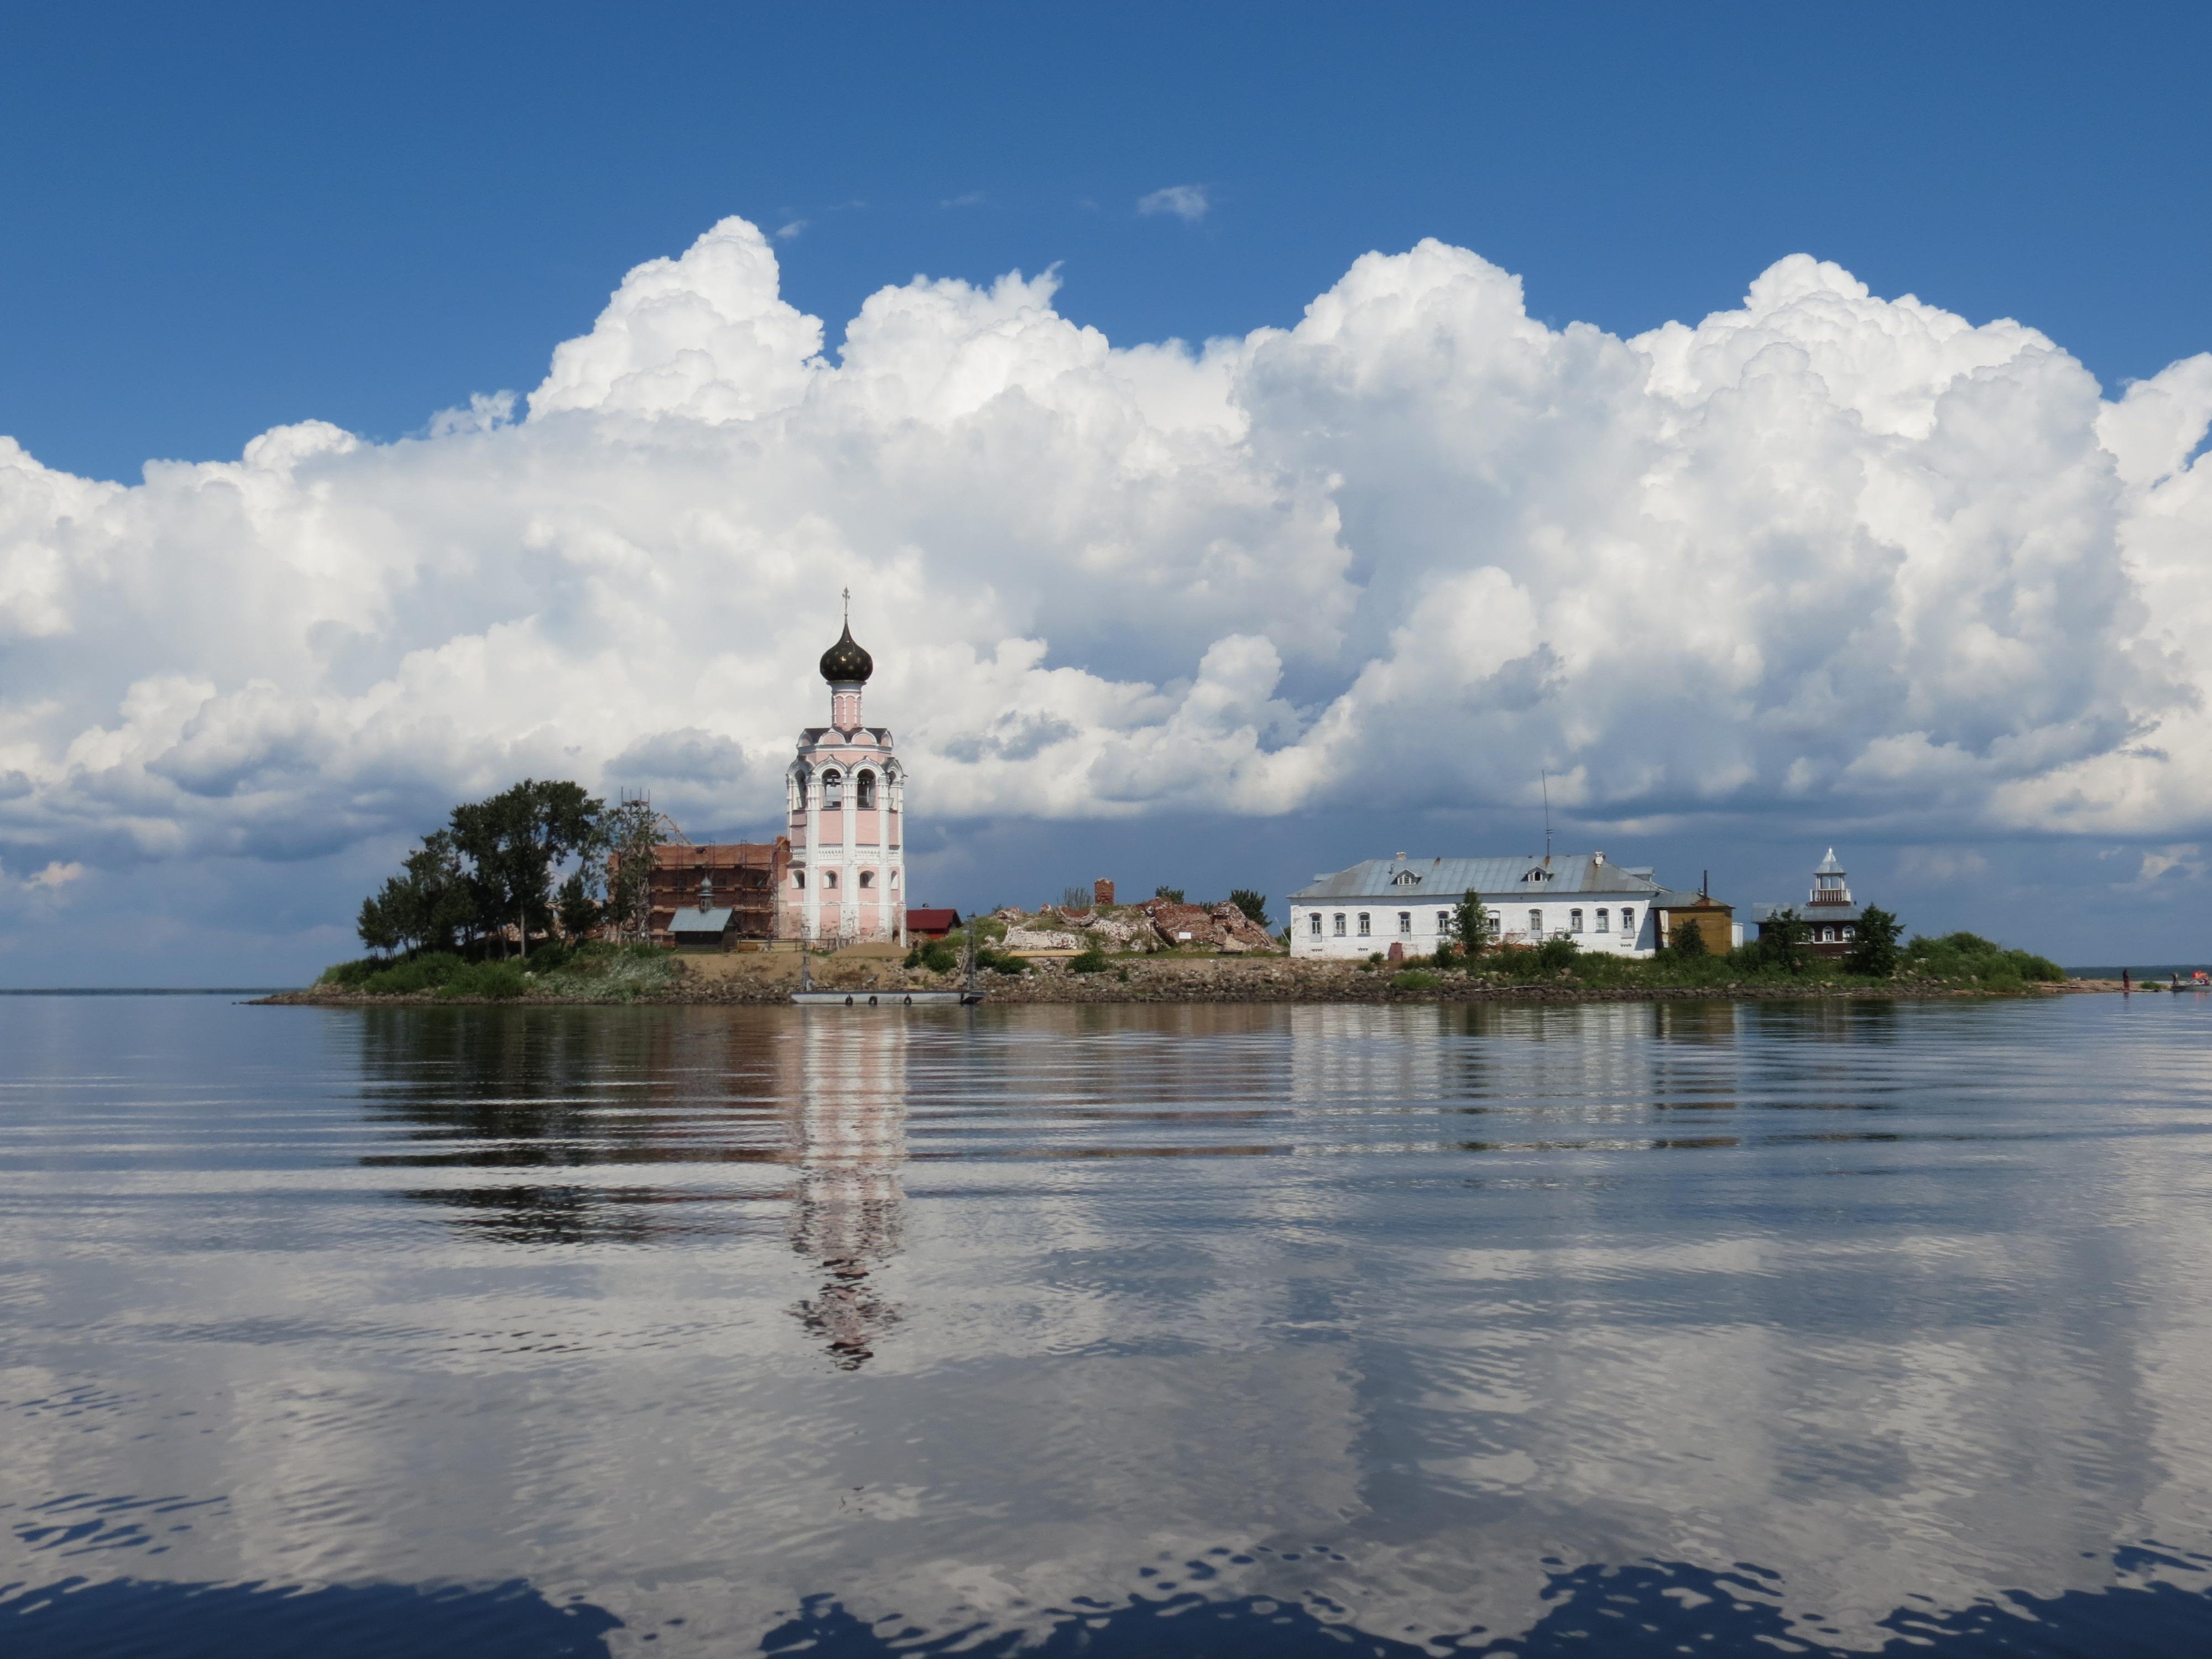 Арбай красноярский край озеро фото пола потолка